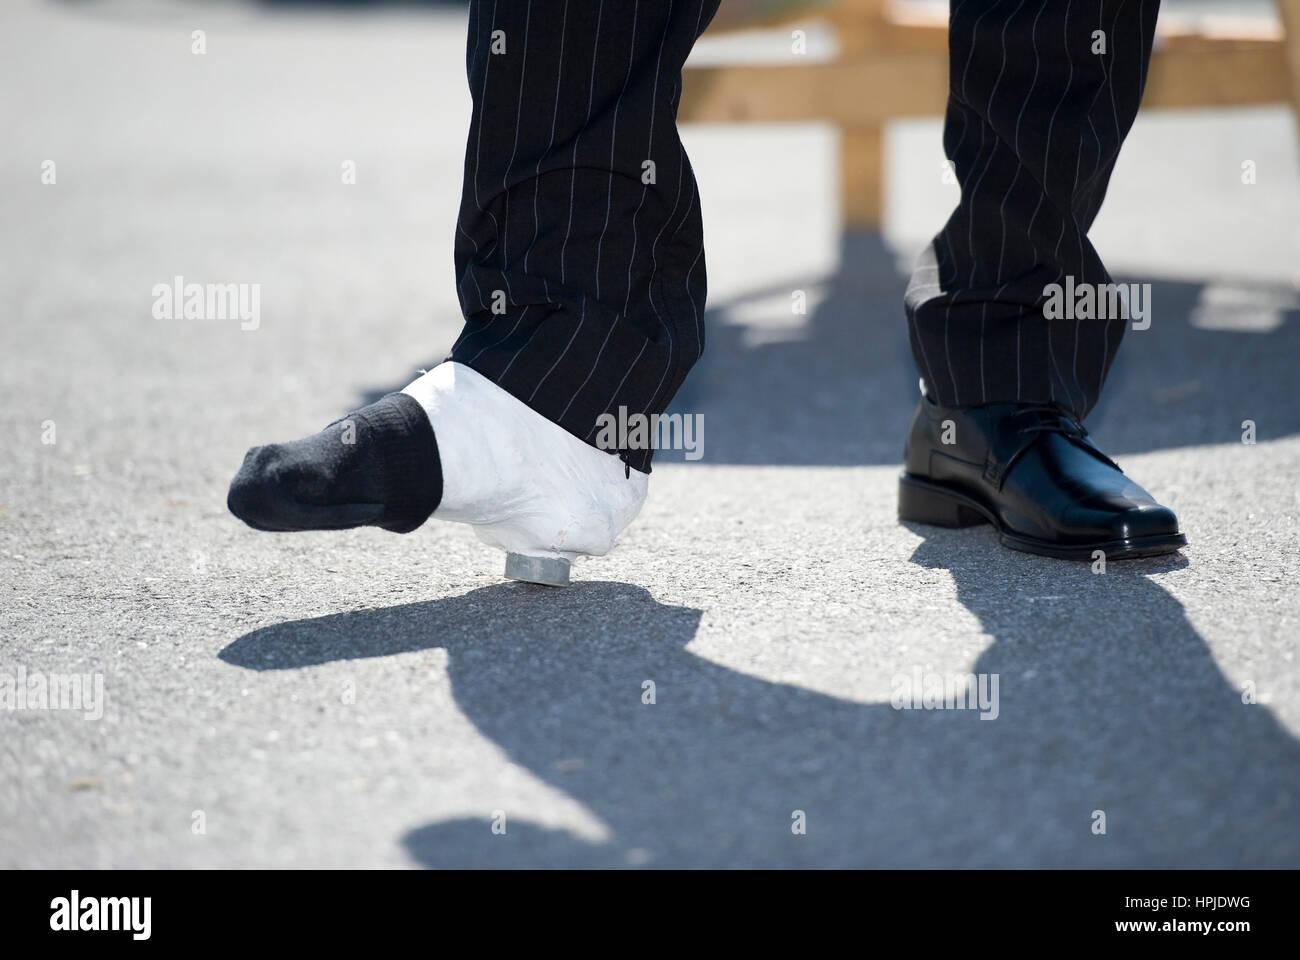 Gipsbein - Bein in Gips Stockfotografie - Alamy